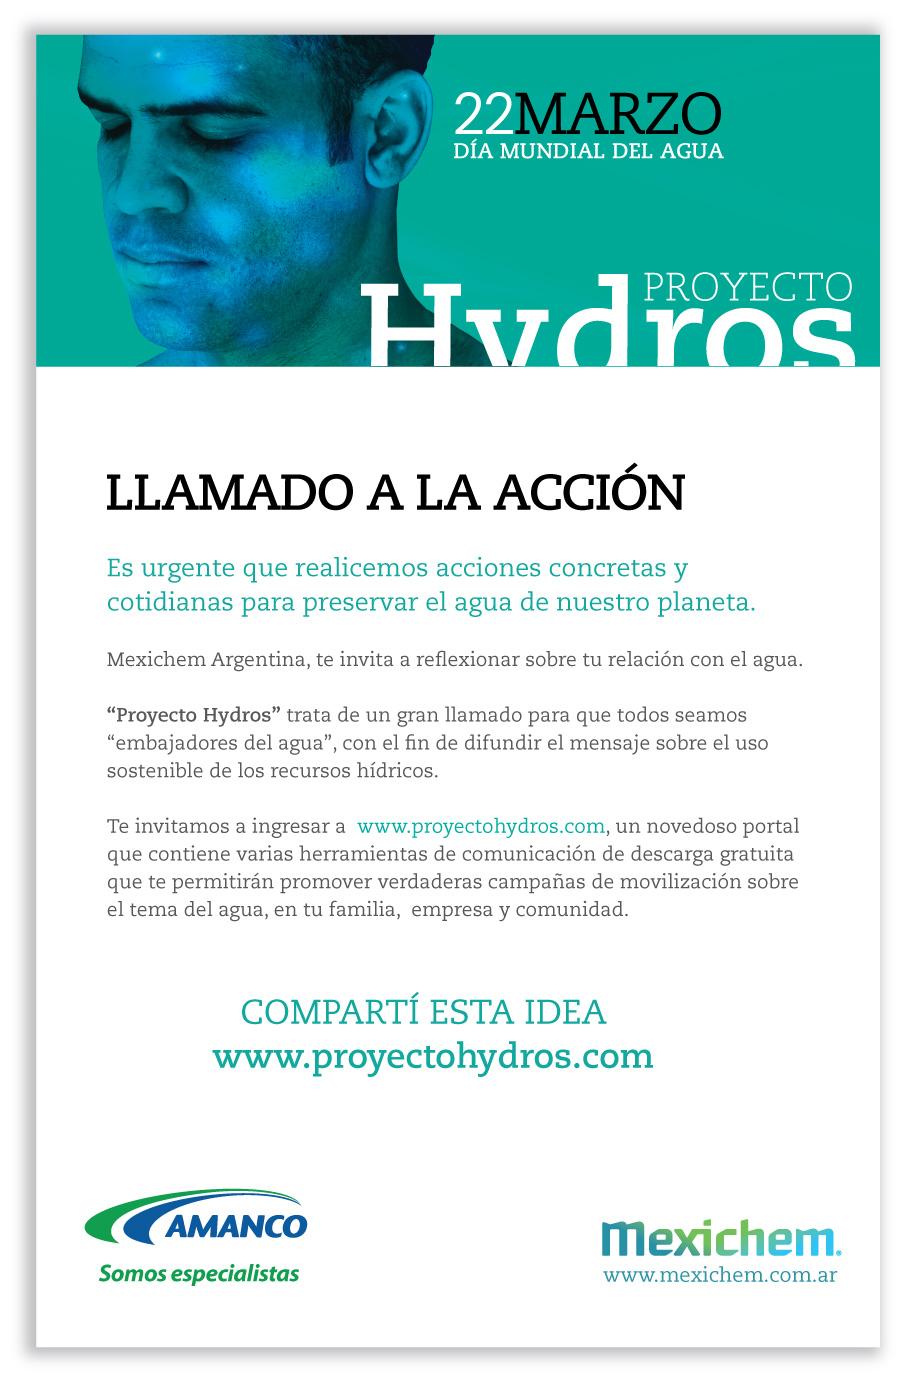 empresas: Amanco Mexichem 22 de marzo día mundial del agua